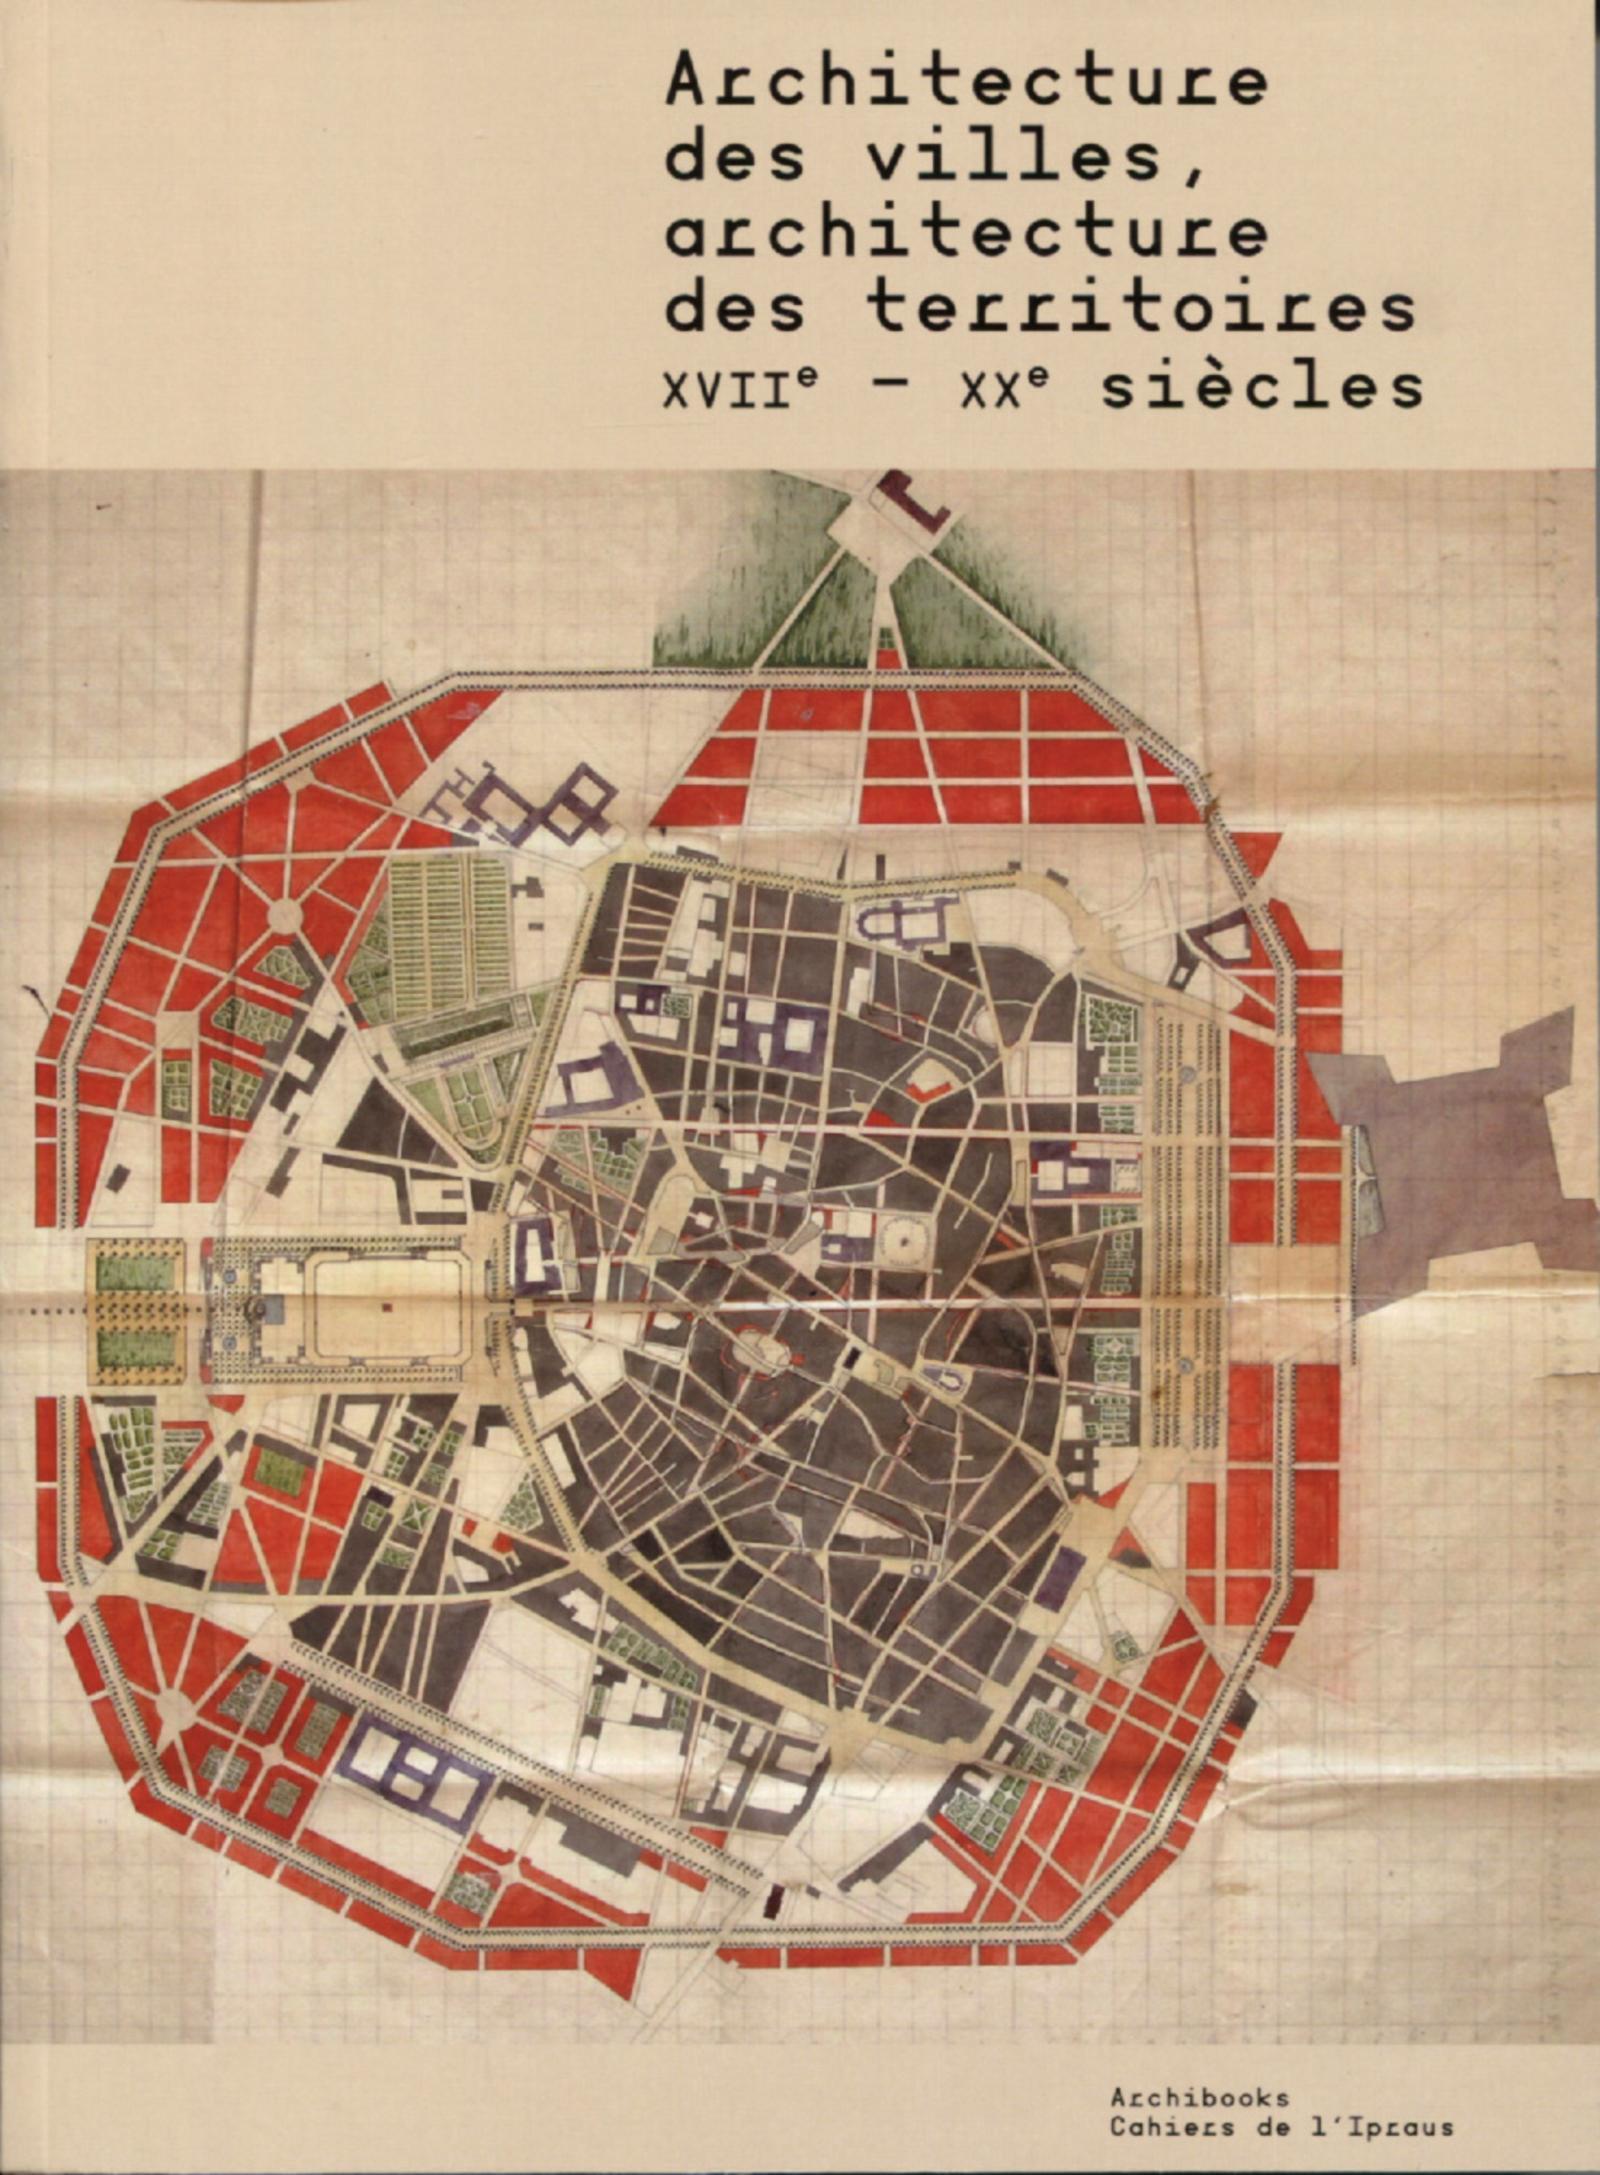 ARCHITECTURE DES VILLES, ARCHITECTURE DES TERRITOIRES - XVIIE-XXE SIECLES